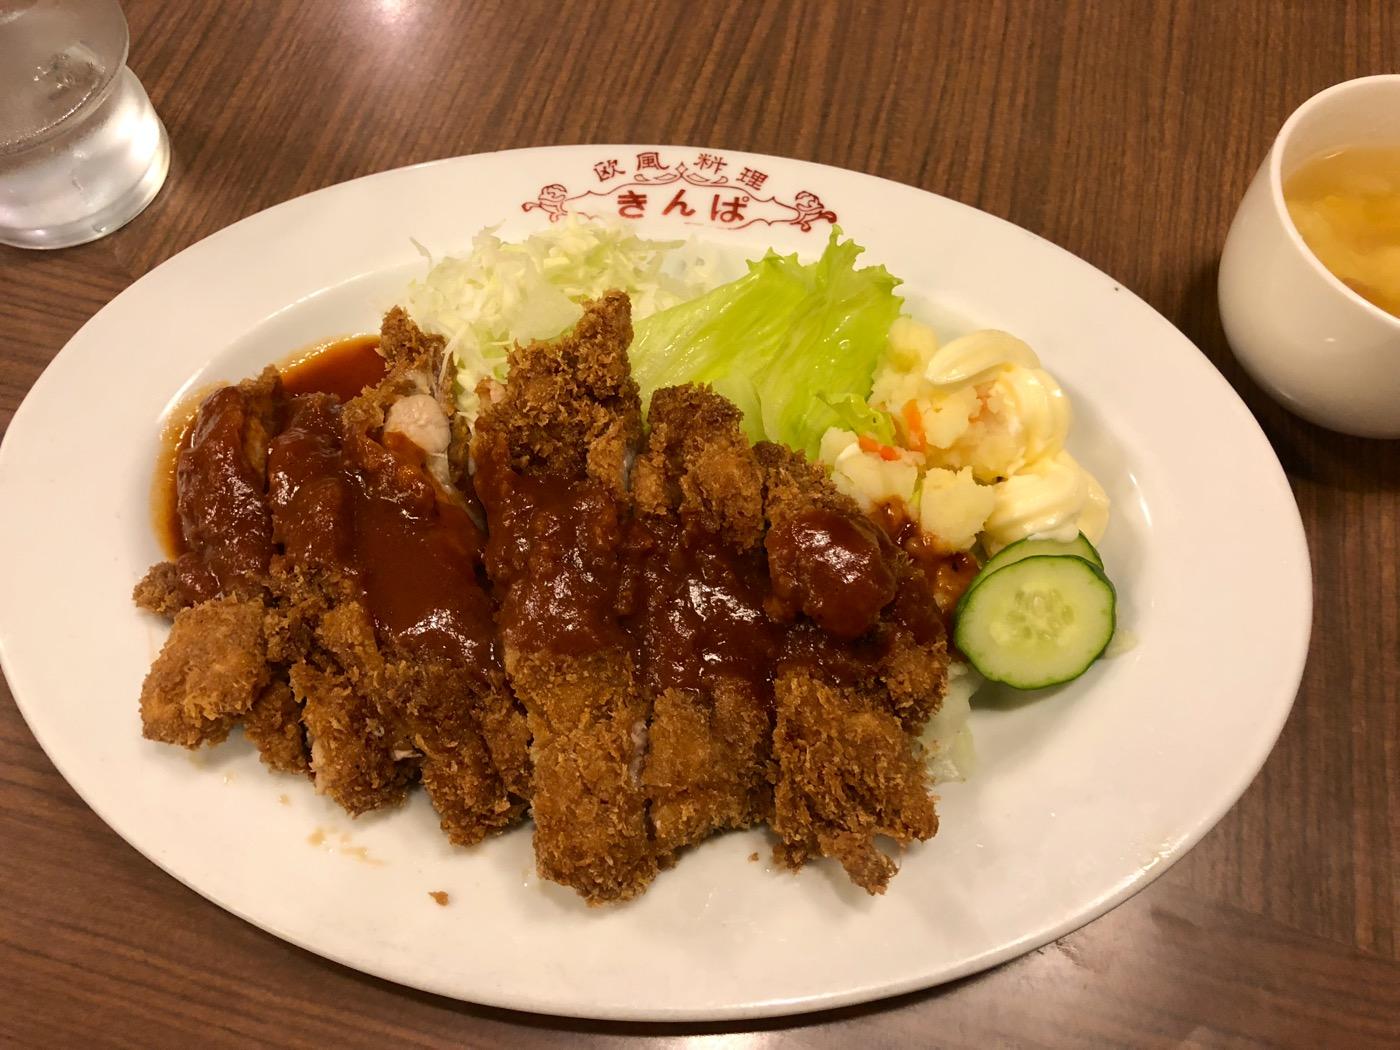 昭和の香りがするレトロなレストラン!長堀橋すぐの欧風料理きんぱ